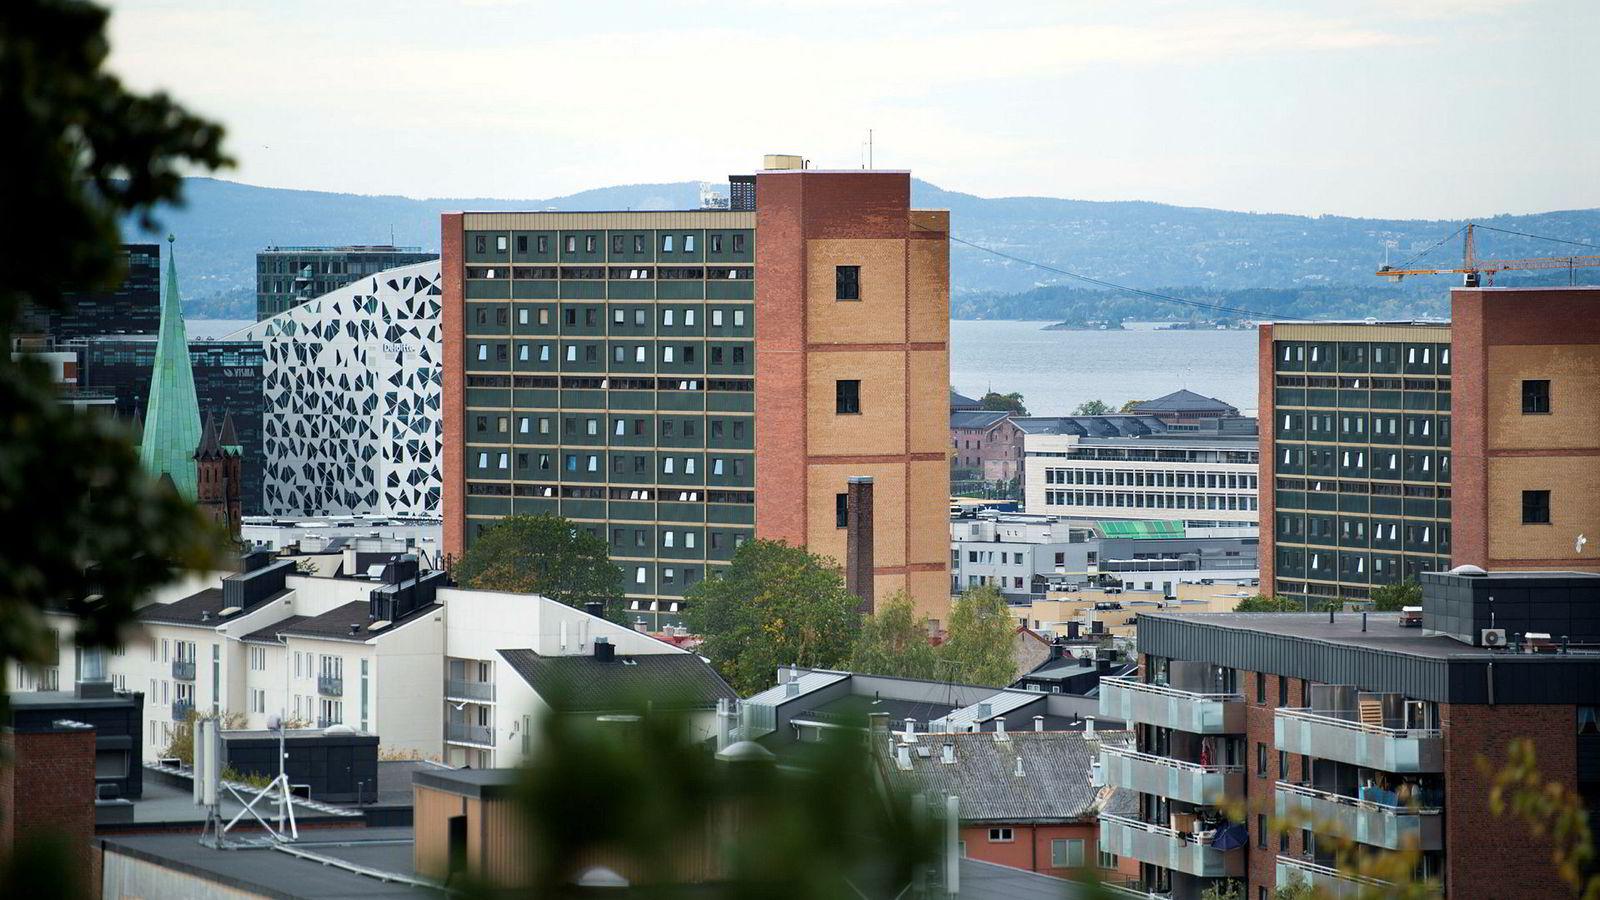 Eiendomsutvikleren Veidekke regner med at boligprisene i Oslo vil falle med 10 prosent fra april til utgangen av året.